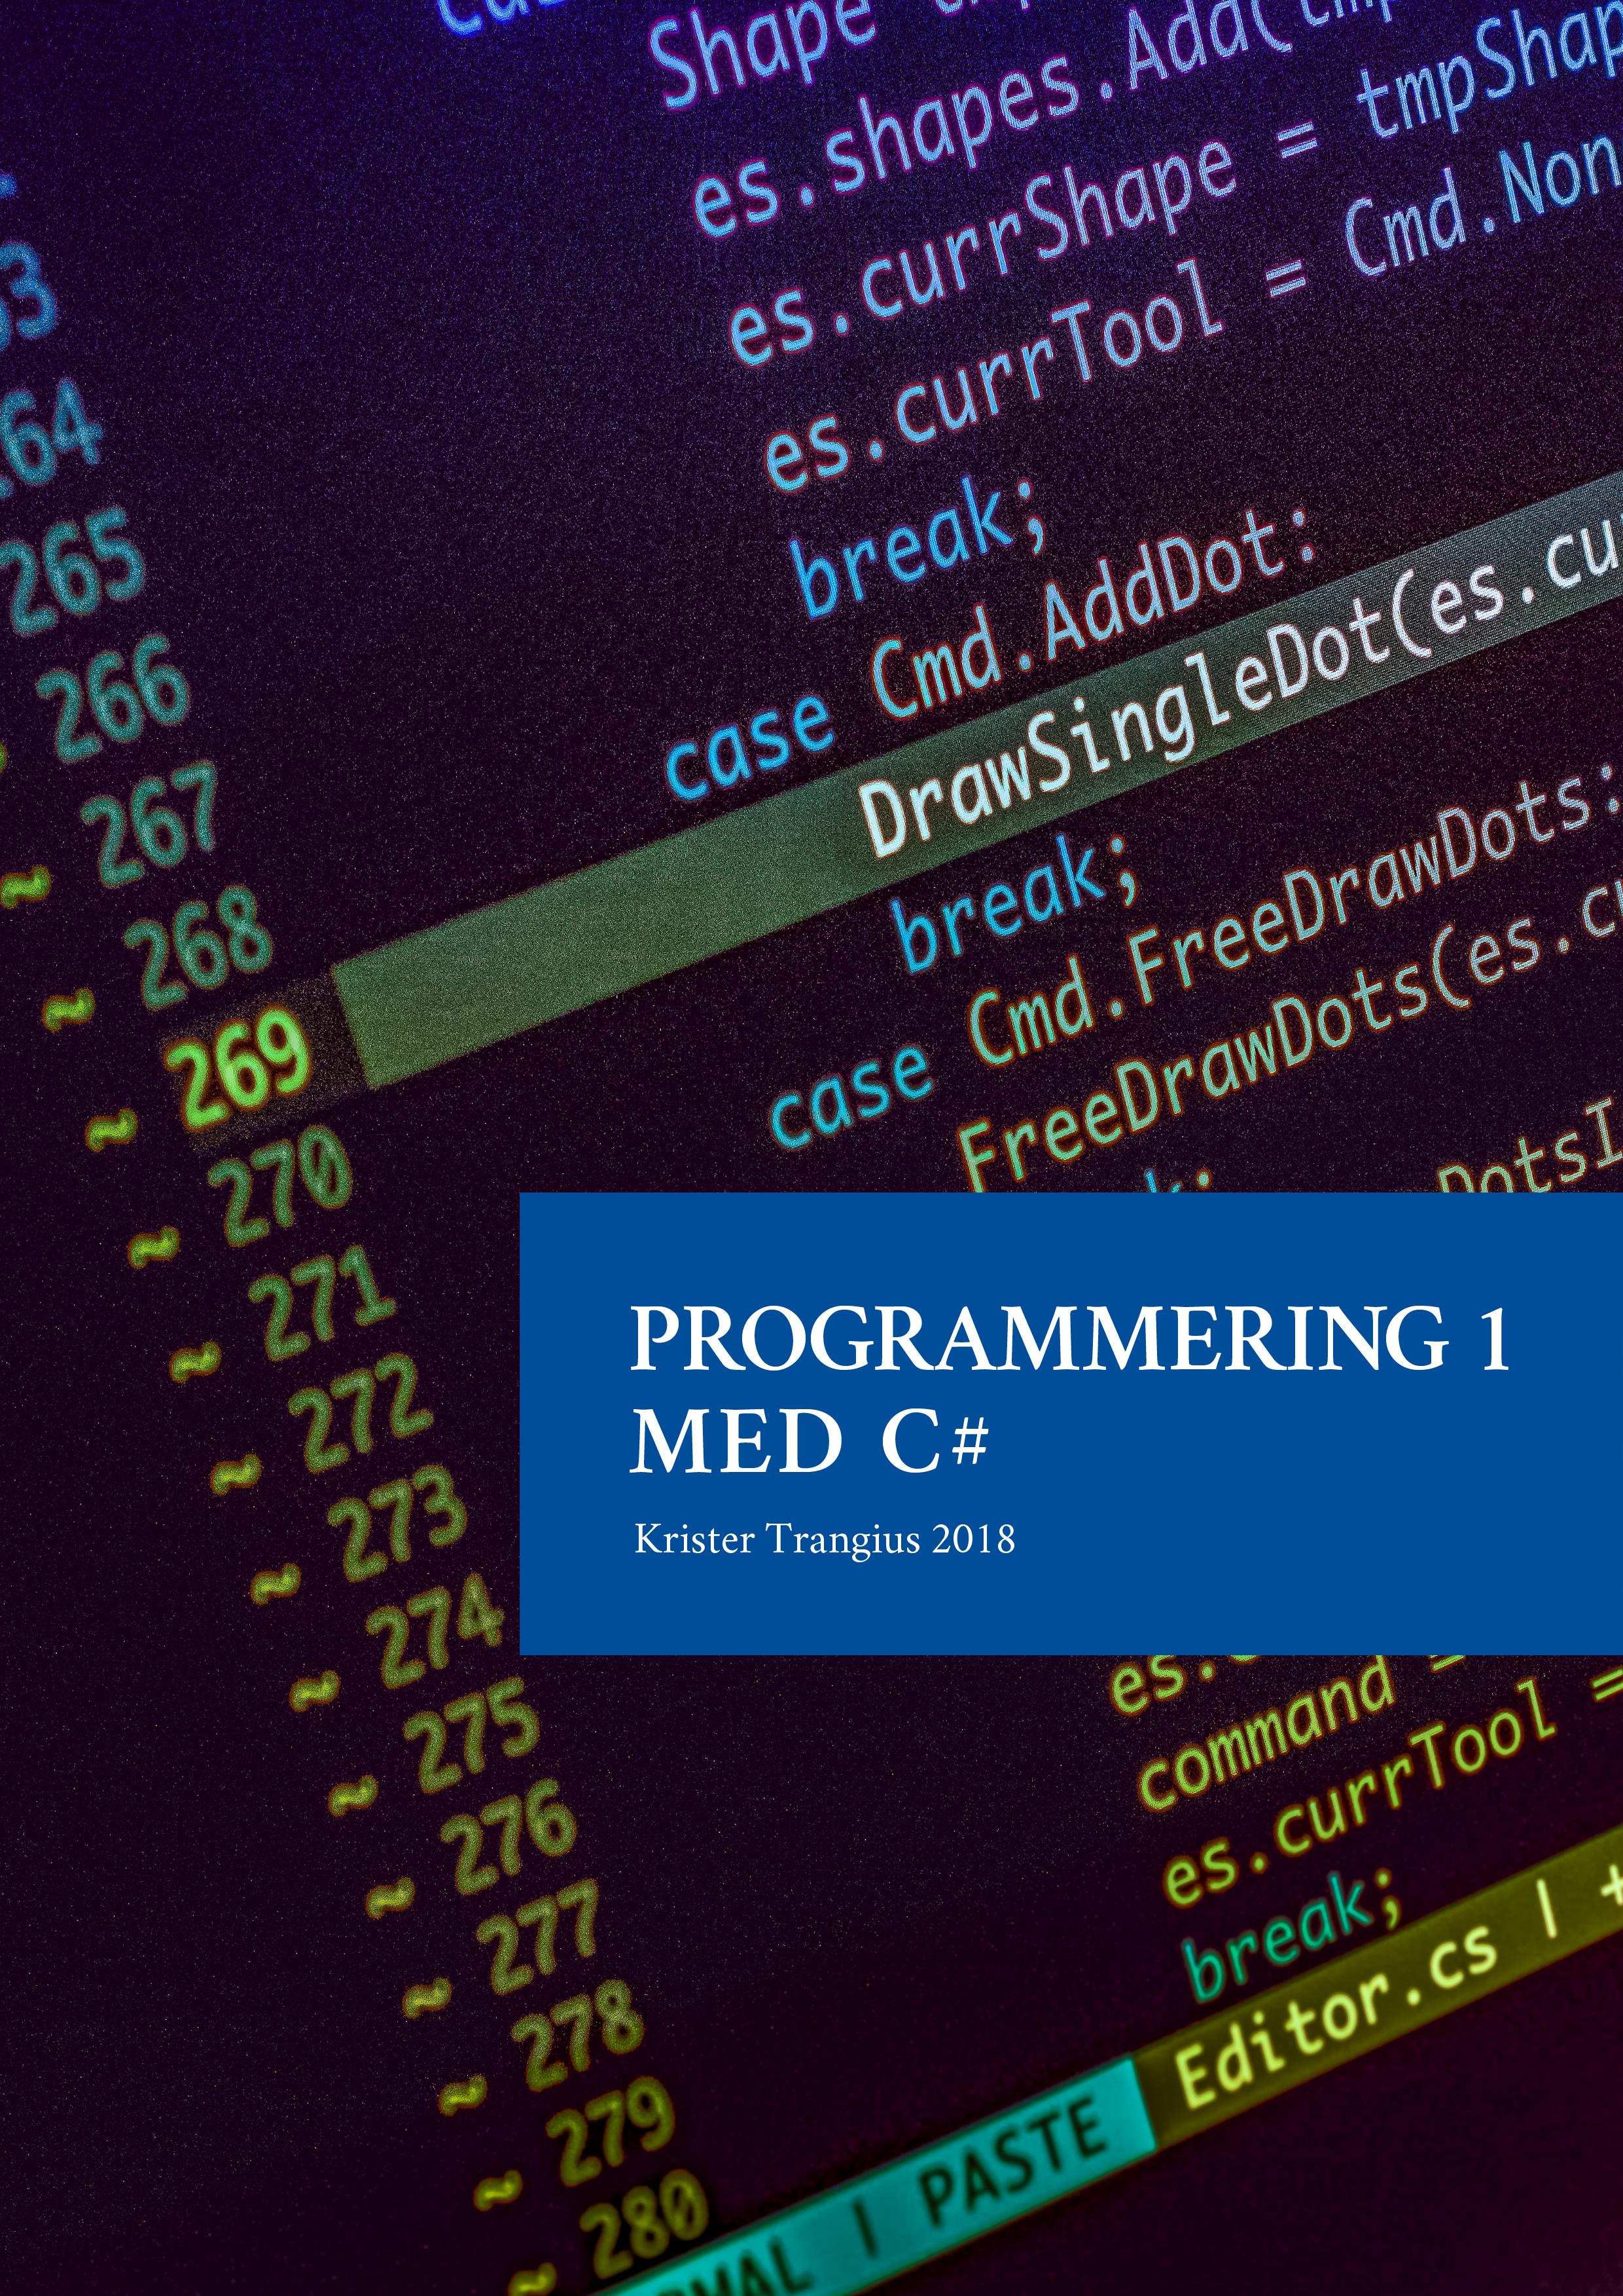 Programmering 1 med C# V2018 - Lärobok av Krister Trangius